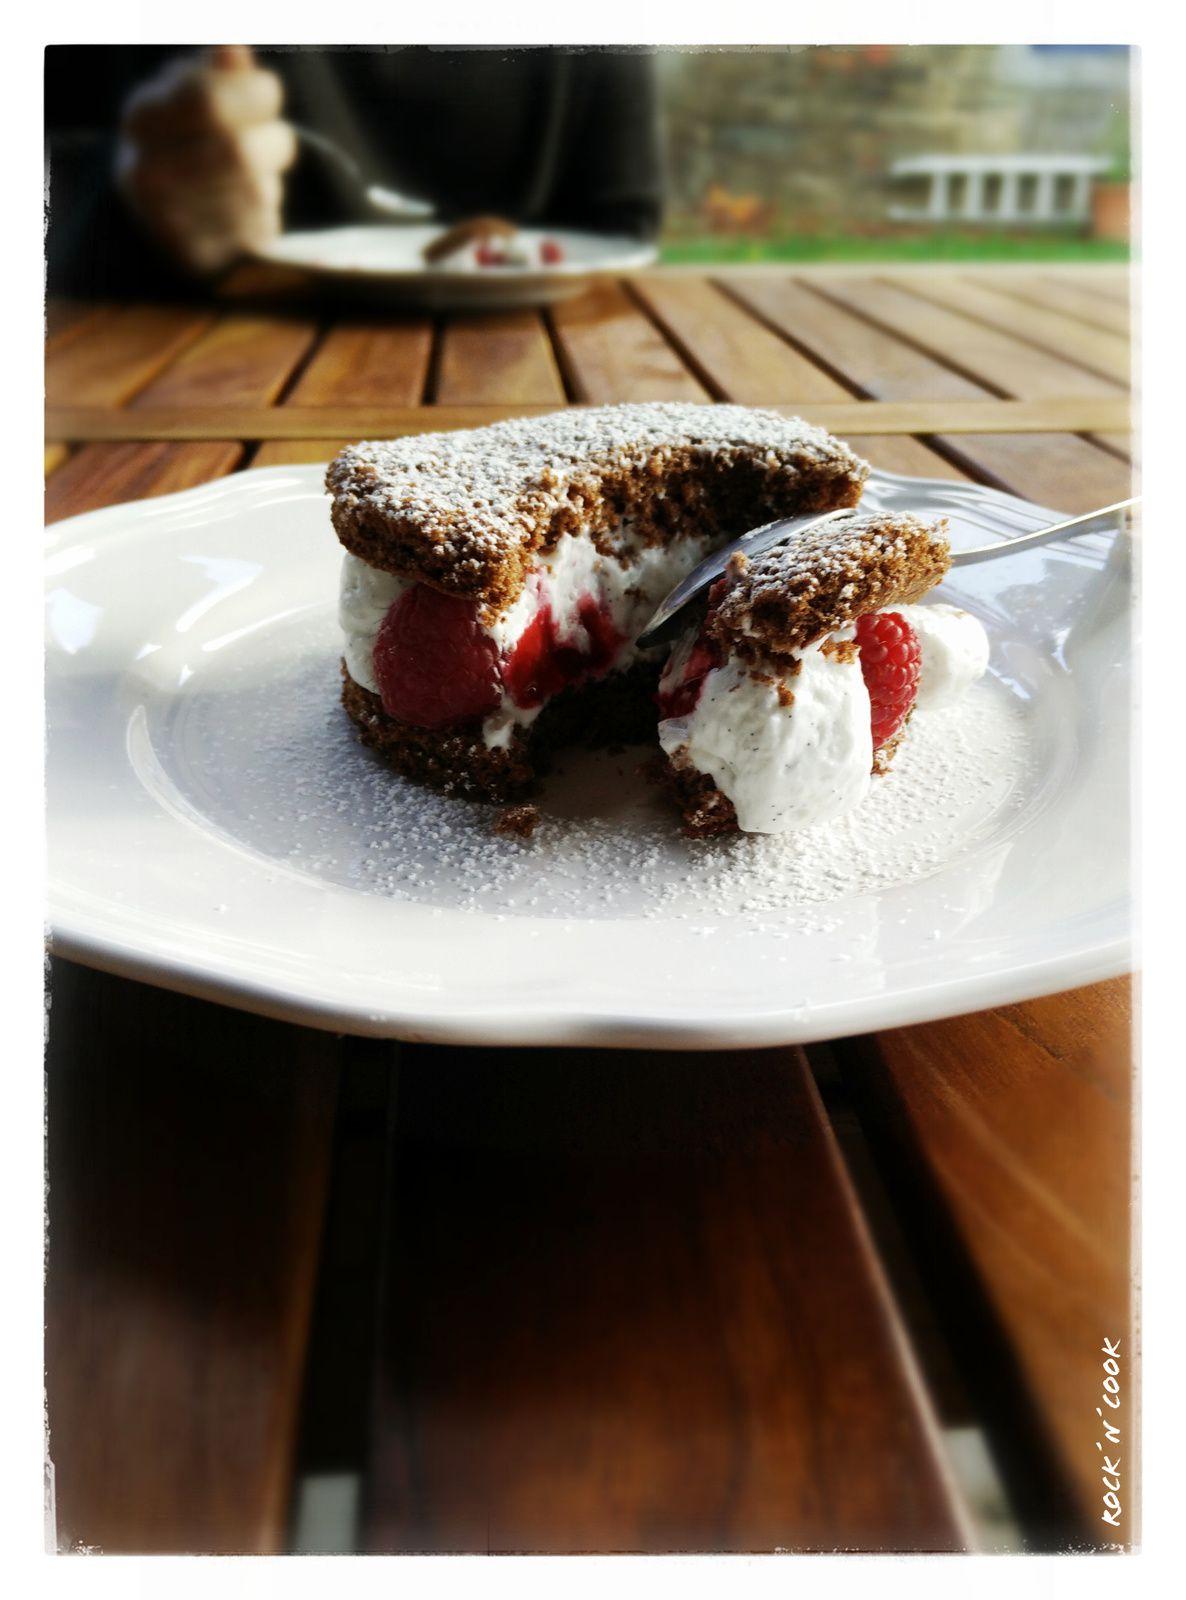 - Petits gâteaux au chocolat, mousse vanille et framboises - ! Recette sans lactose !